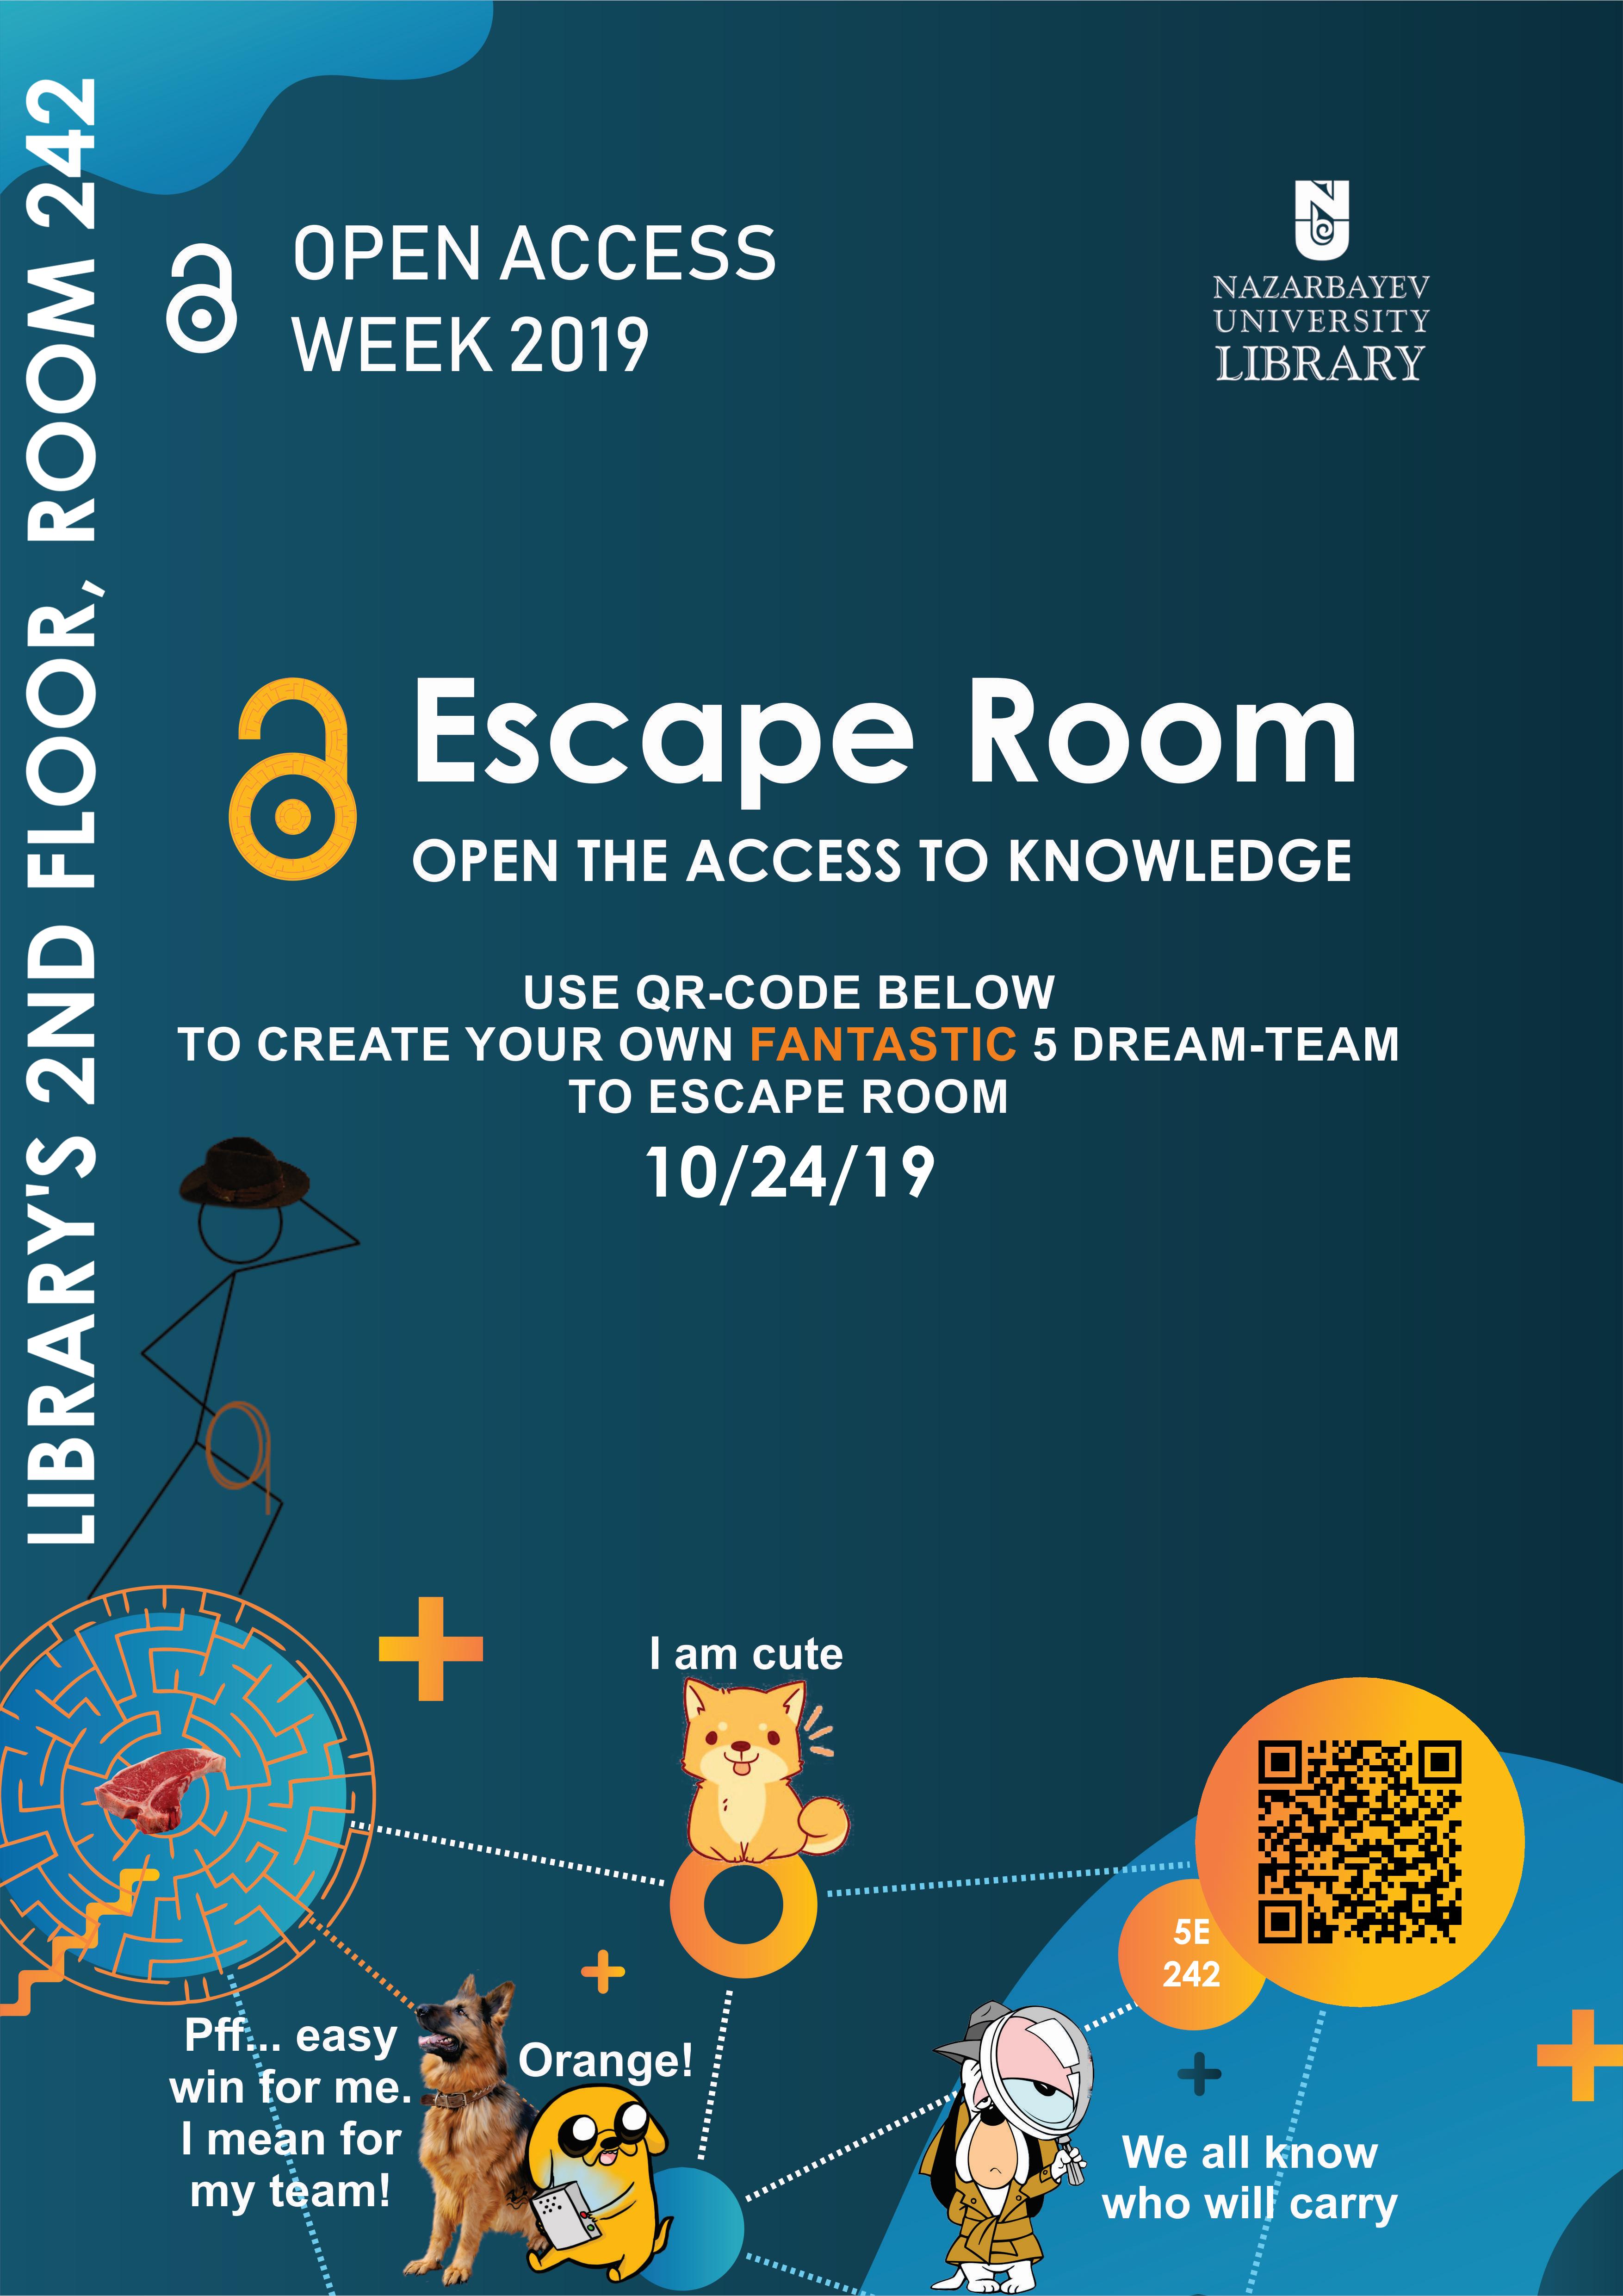 Open Access Escape Room